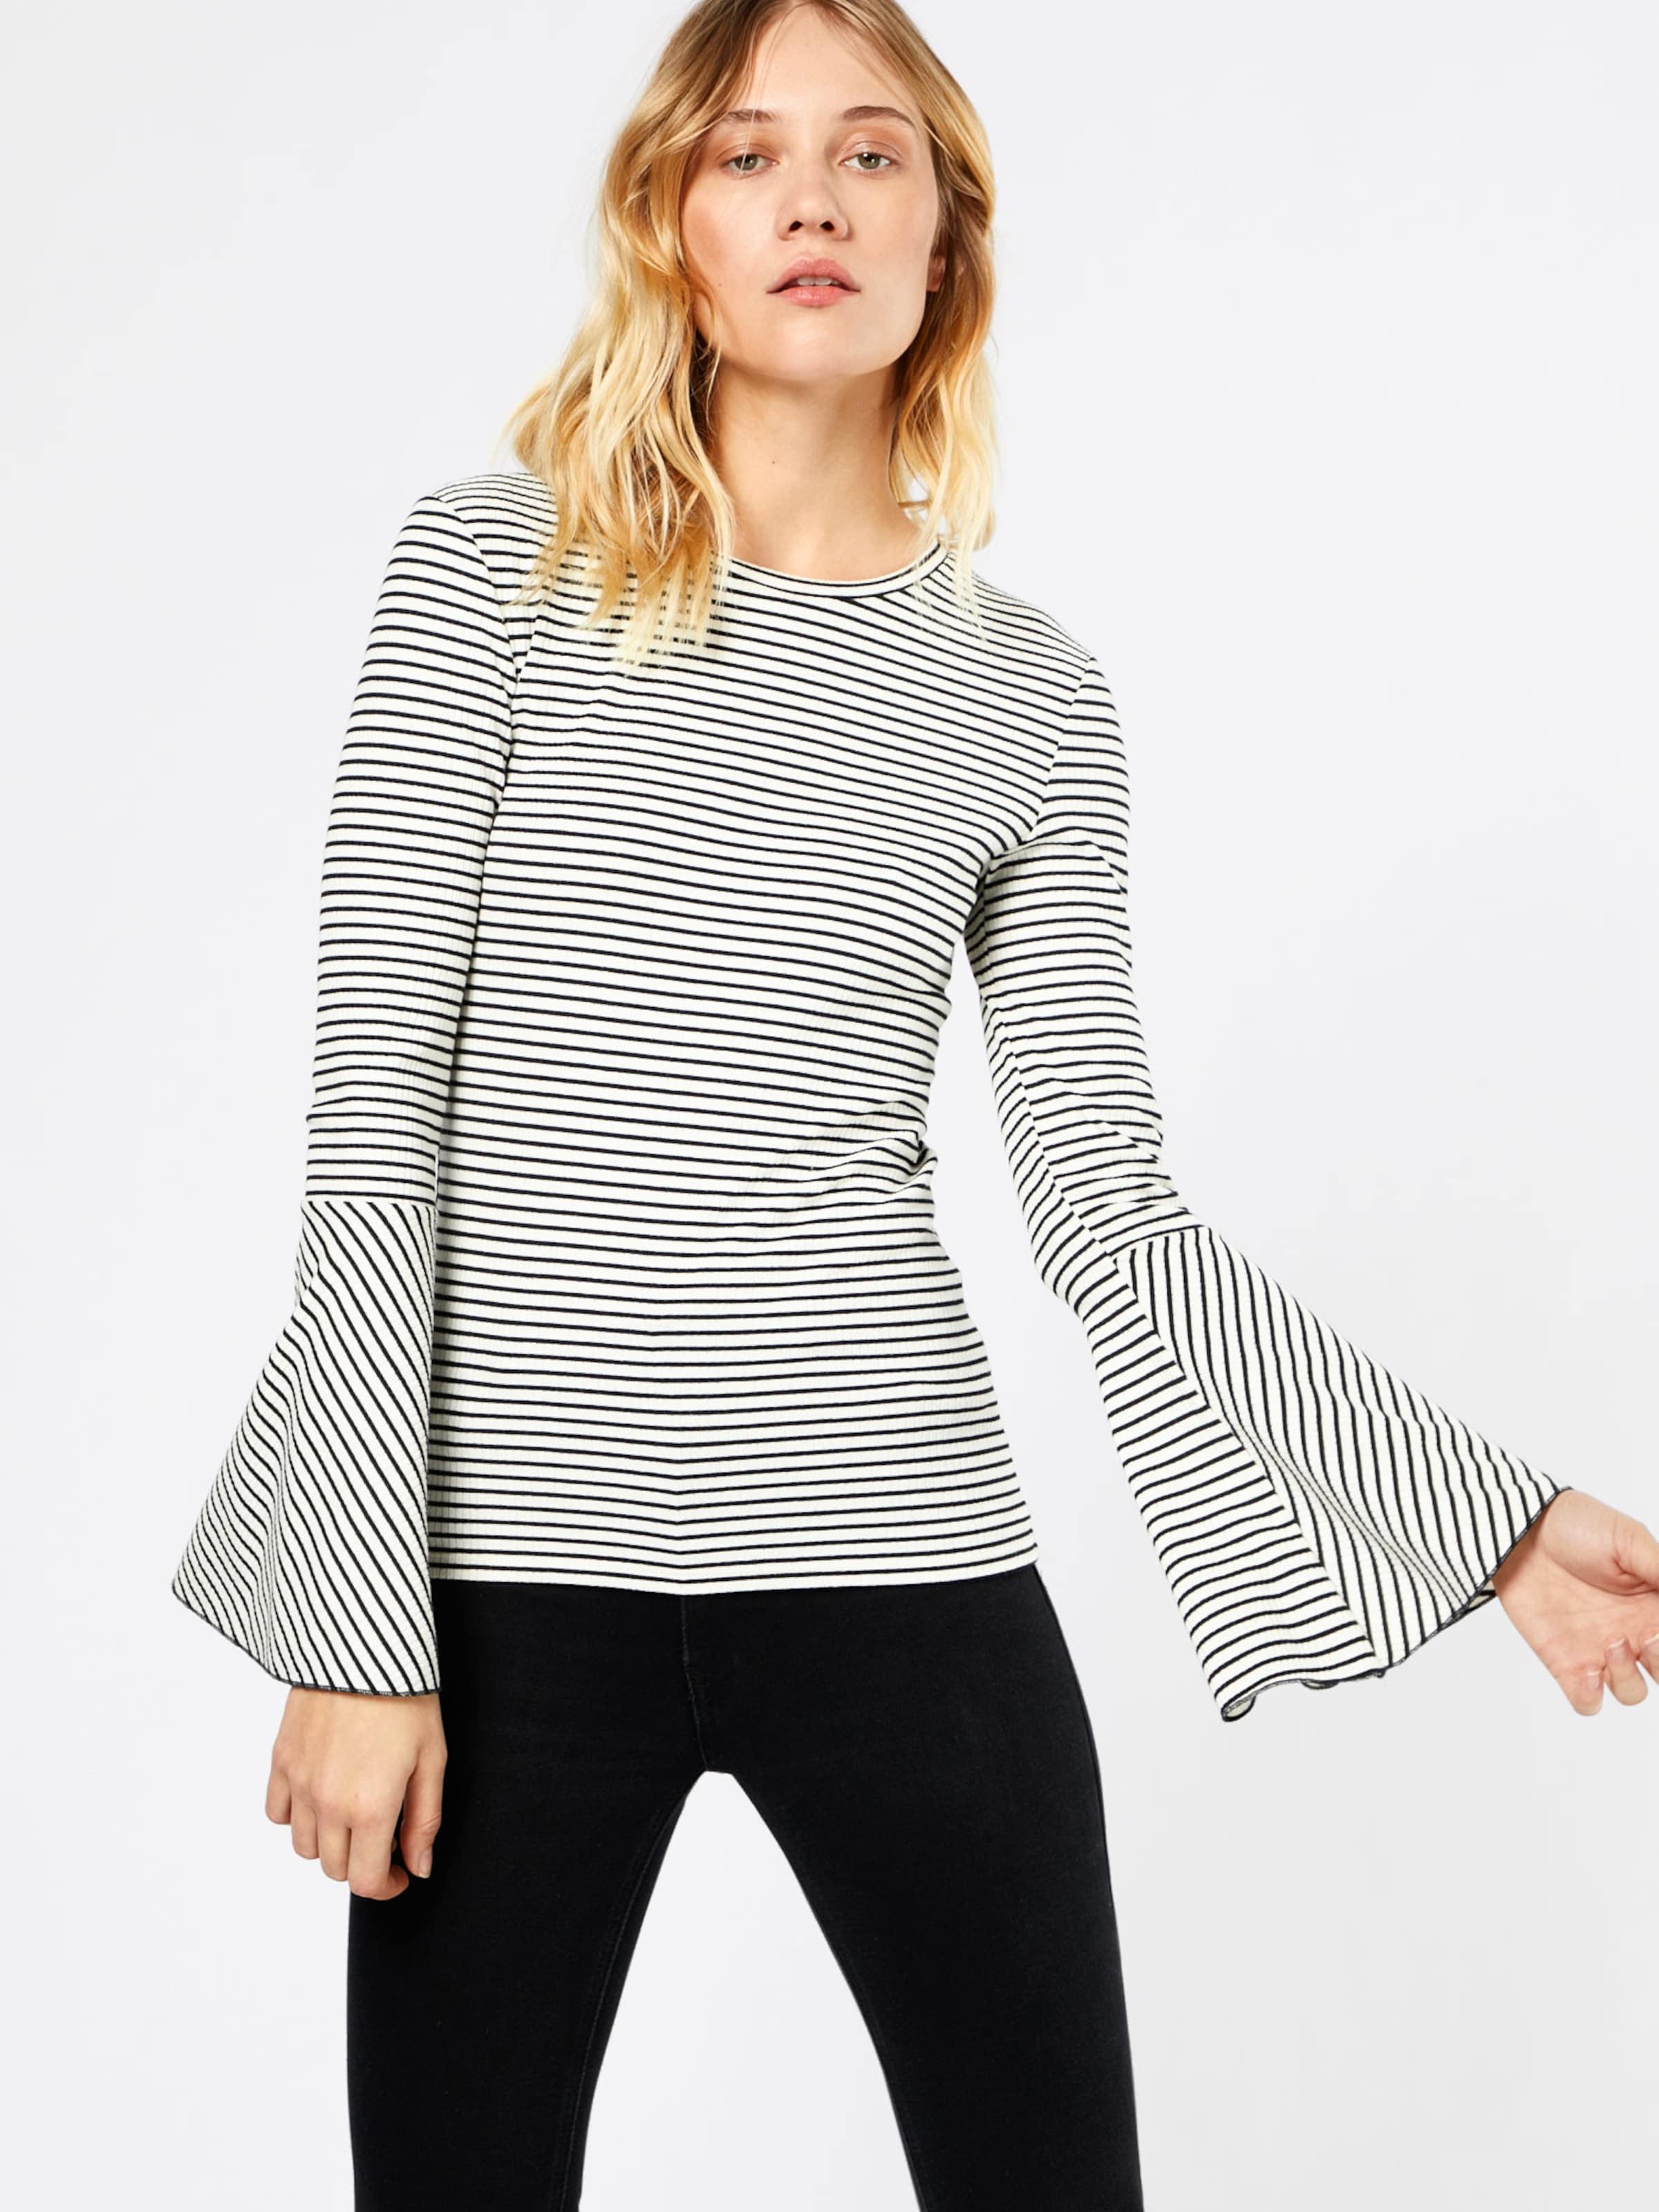 EDC BY ESPRIT Damen Shirt mit Streifen schwarz,weiß | 04059601983041